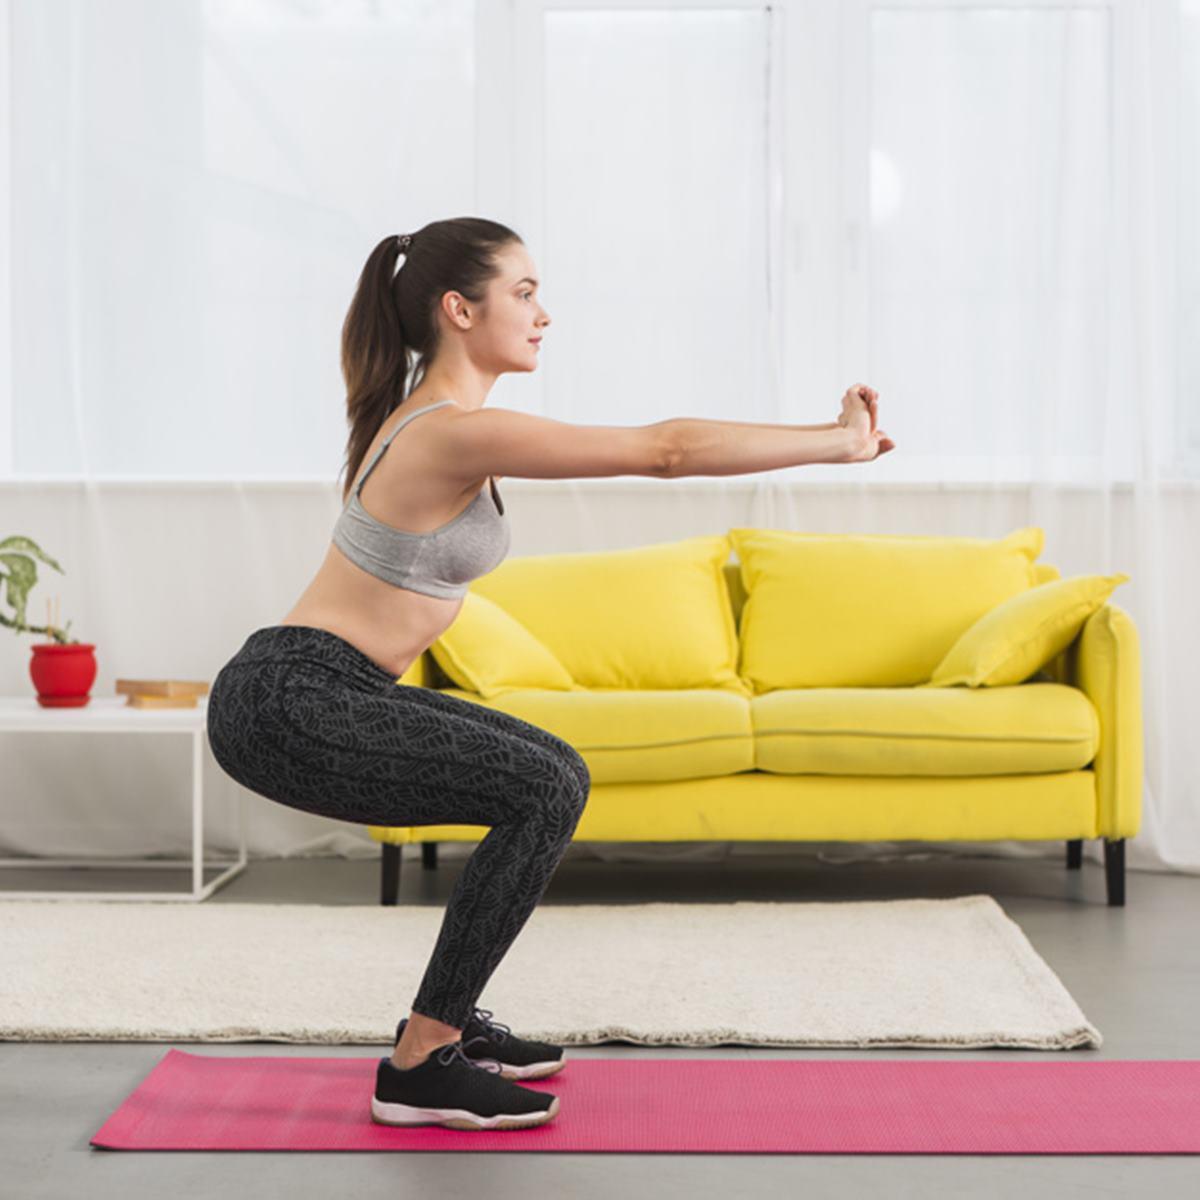 Como modelar seu corpo em poucas semanas com exercícios fáceis